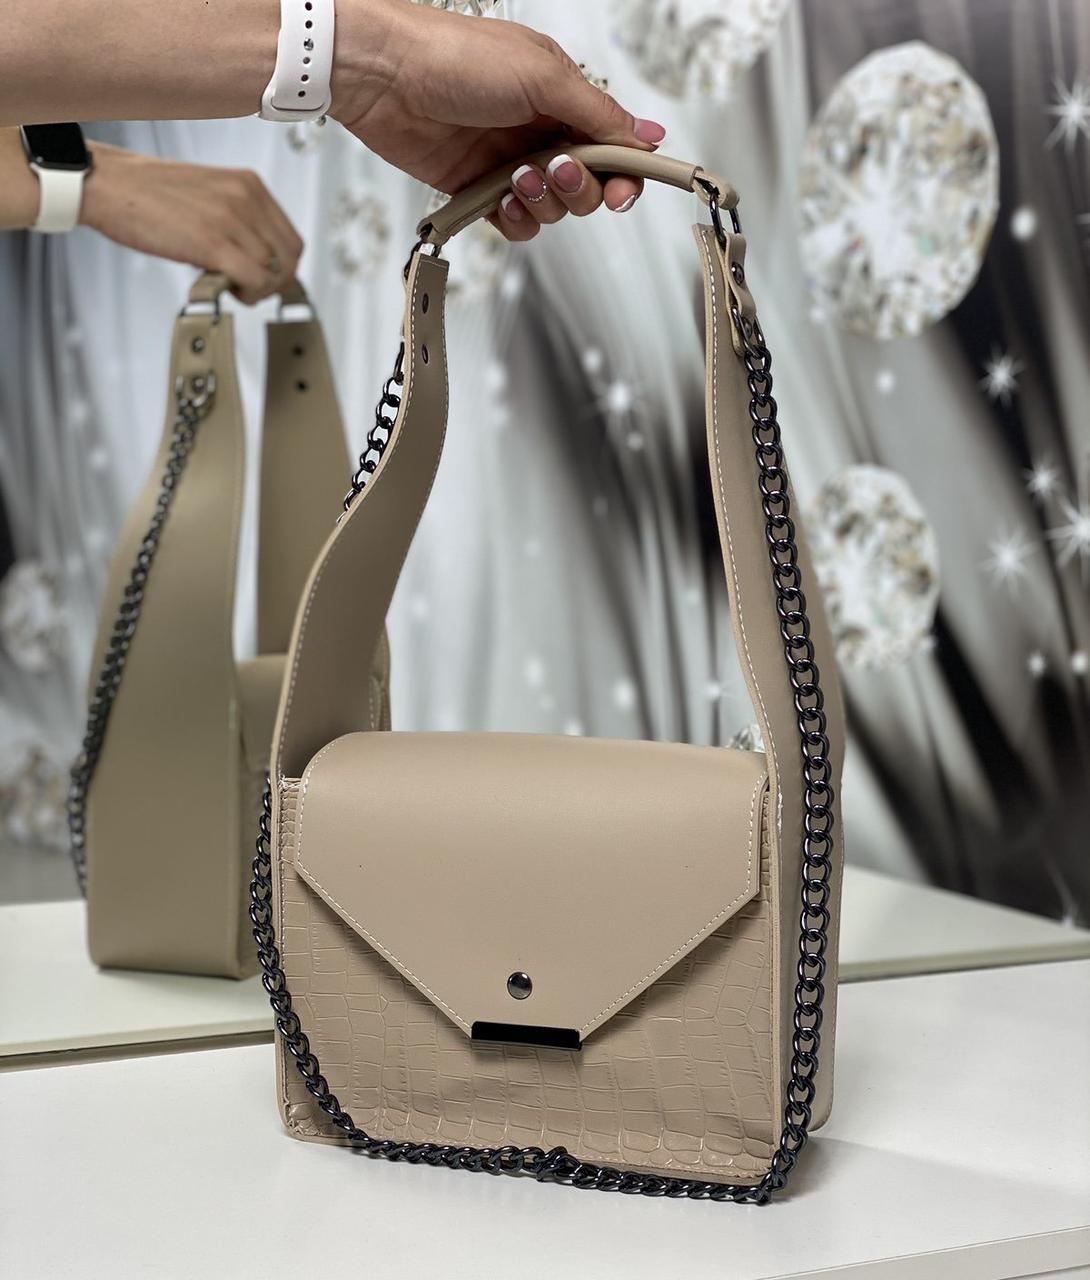 Сумка женская кроссбоди на широком ремне стильная сумочка модная под рептилию бежевая экокожа